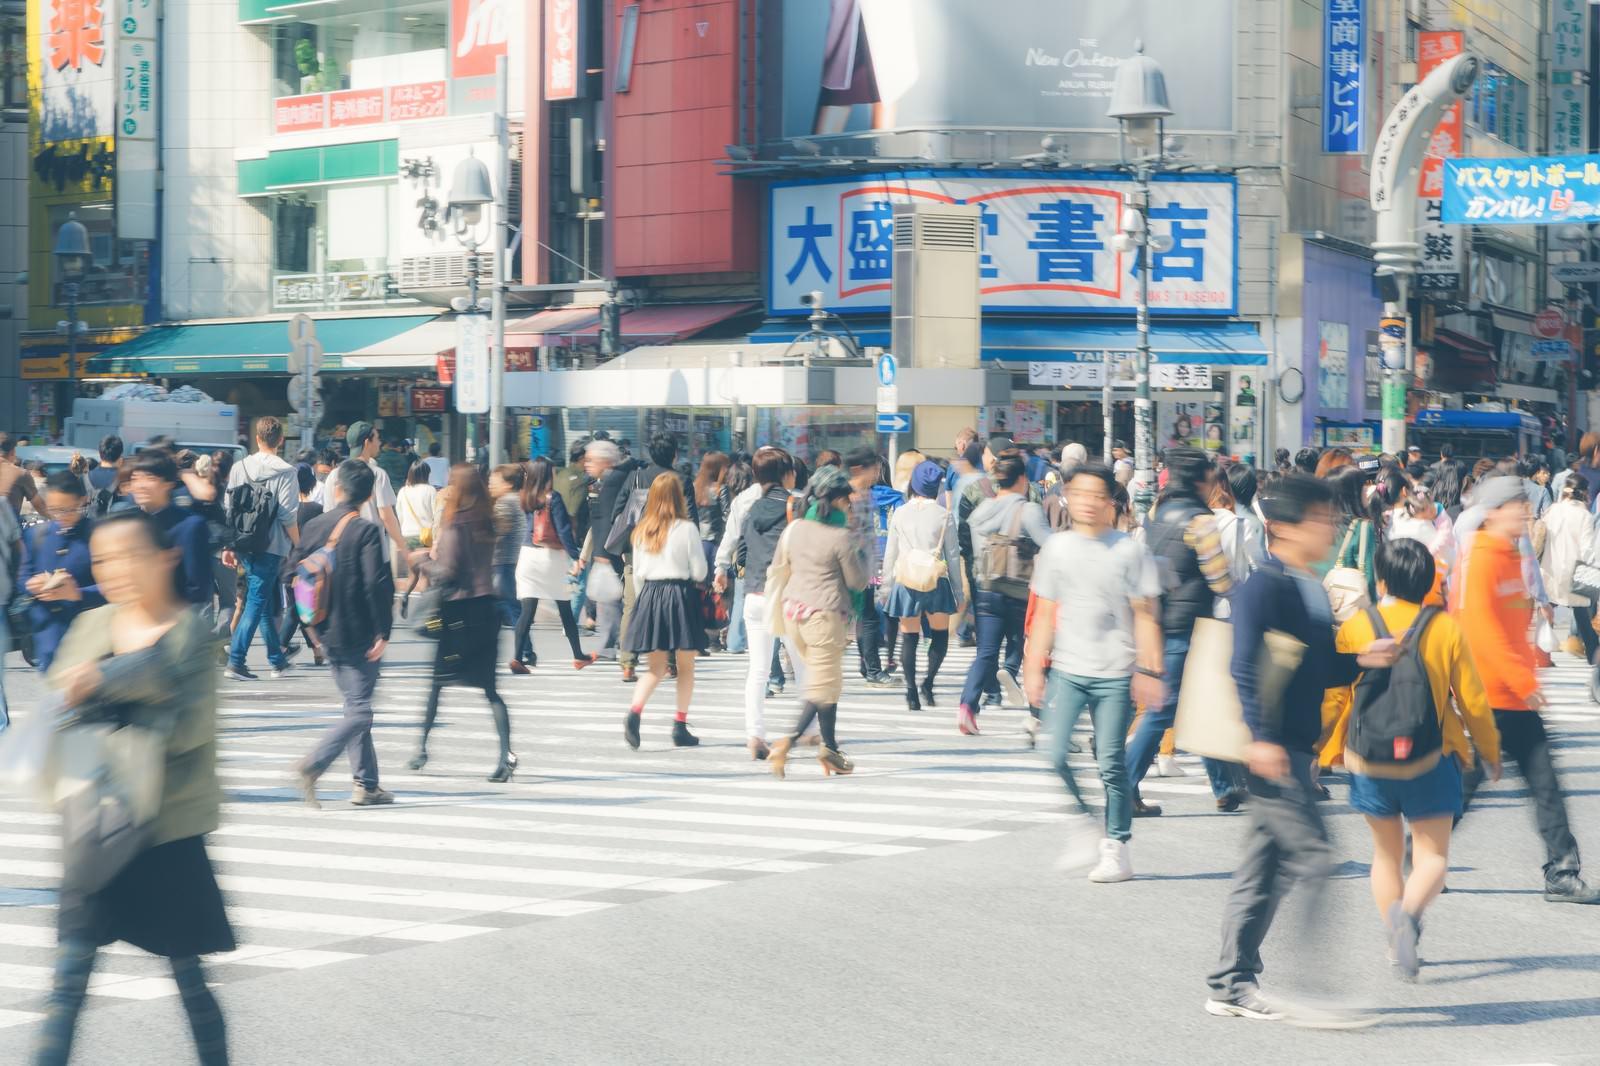 「渋谷駅前のスクランブル交差点」の写真